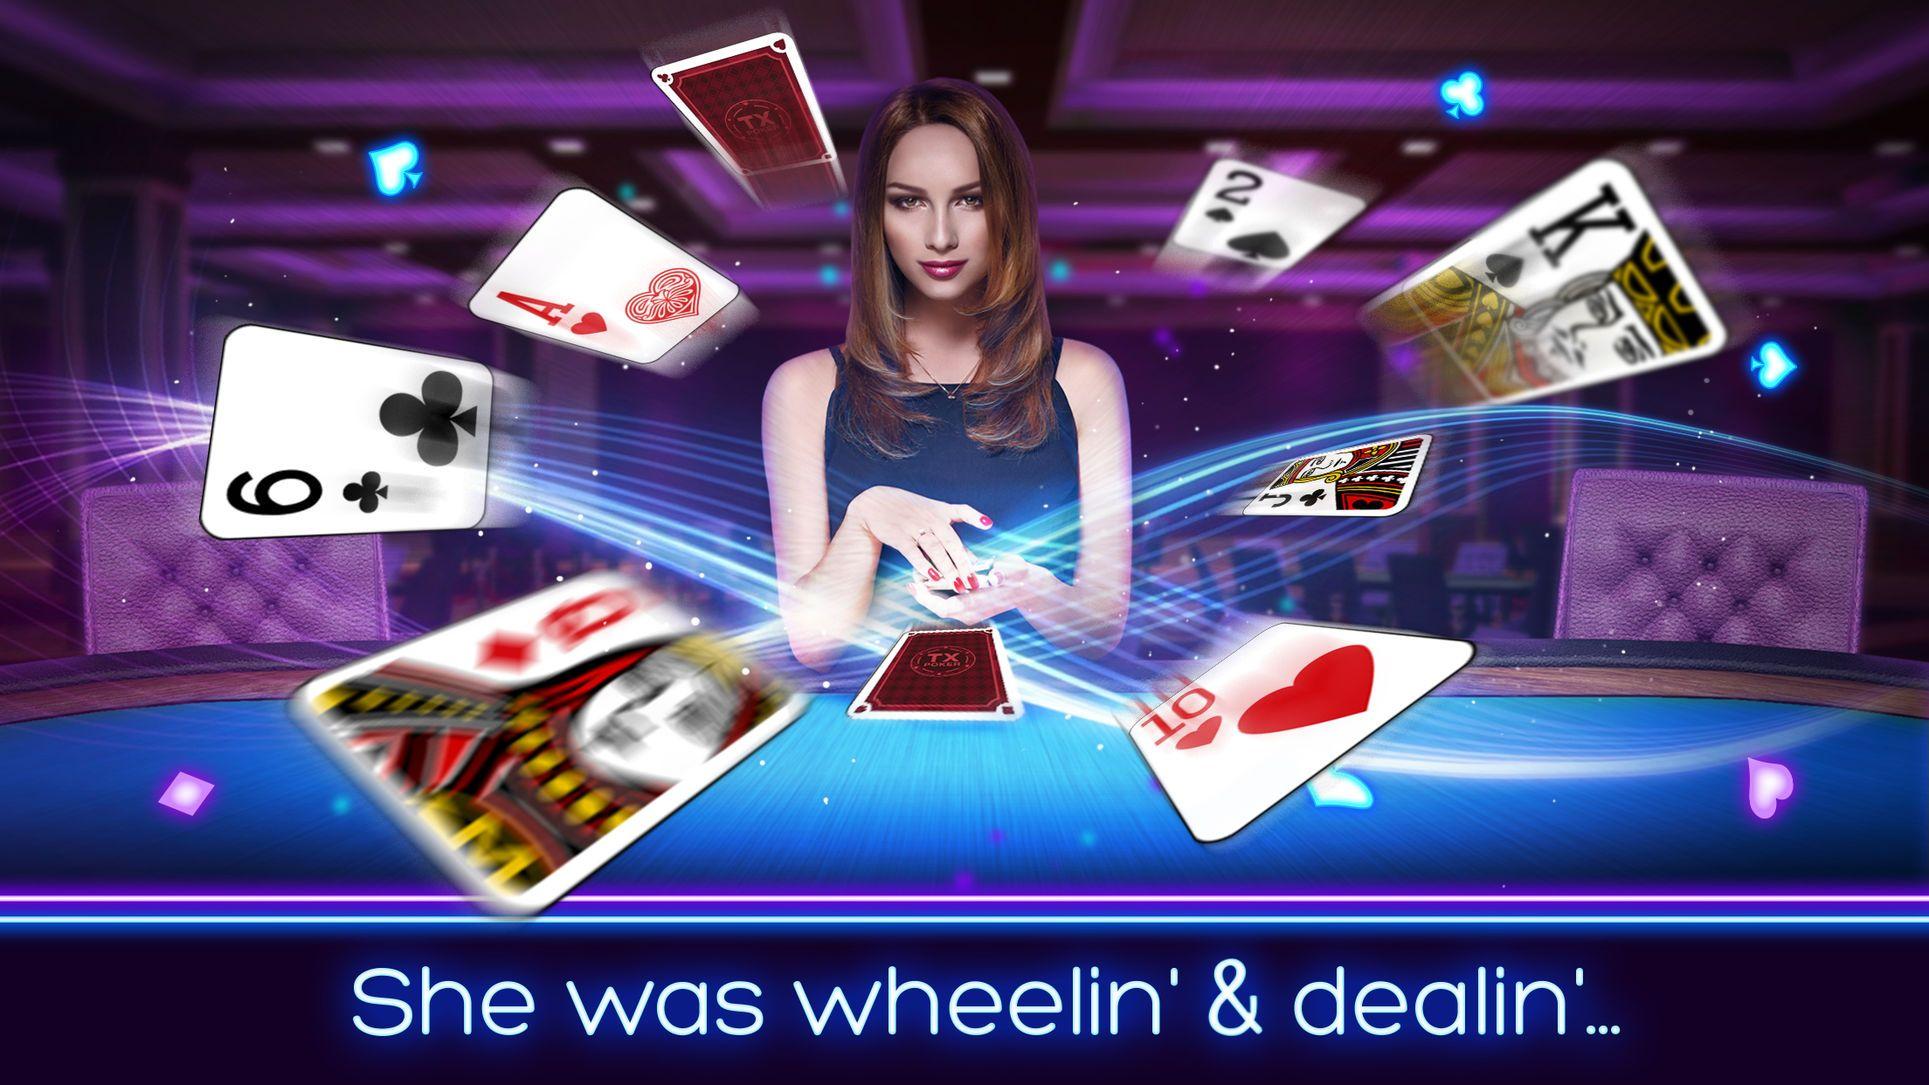 Va Lottery Holdem Poker Bonus Game